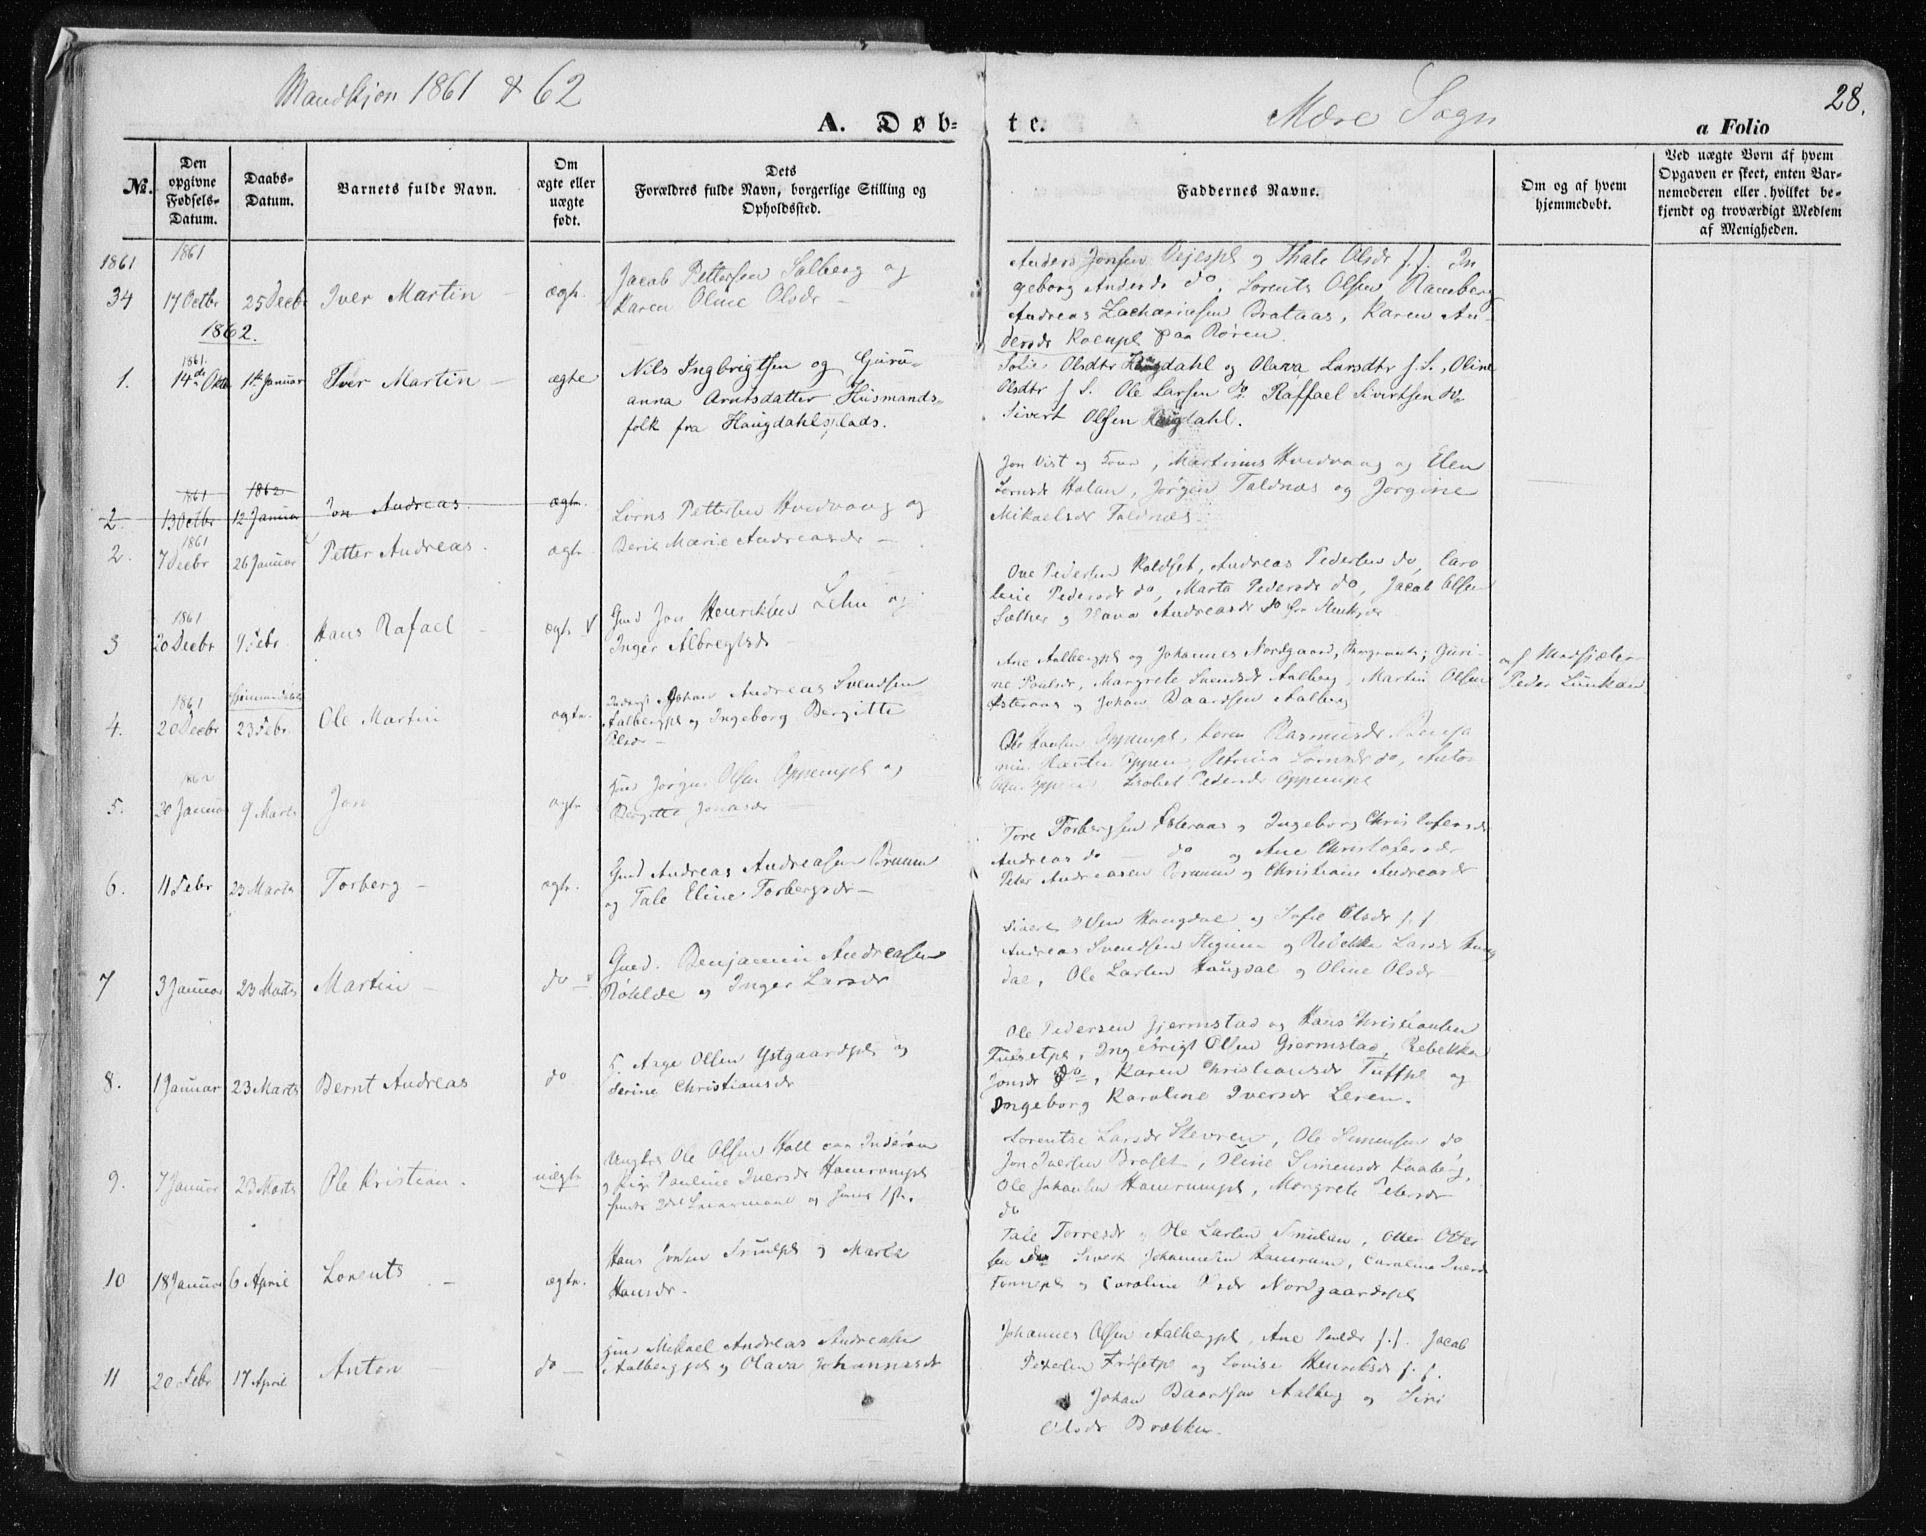 SAT, Ministerialprotokoller, klokkerbøker og fødselsregistre - Nord-Trøndelag, 735/L0342: Ministerialbok nr. 735A07 /1, 1849-1862, s. 28